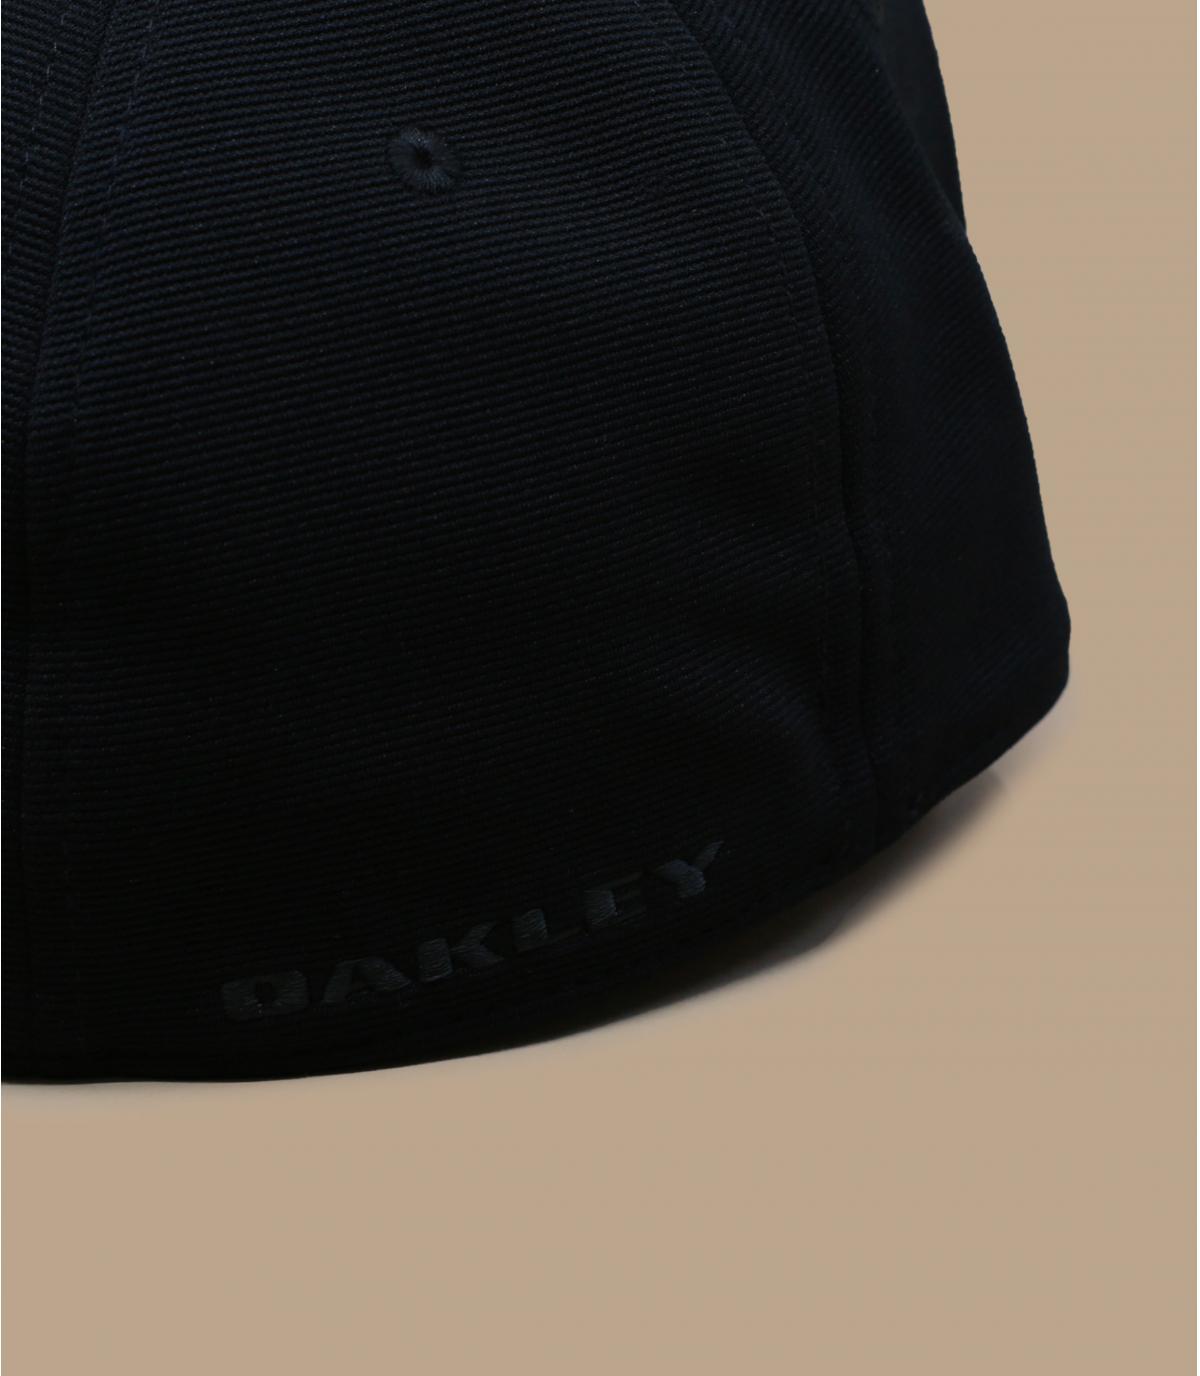 Détails Tincan black american flag - image 3